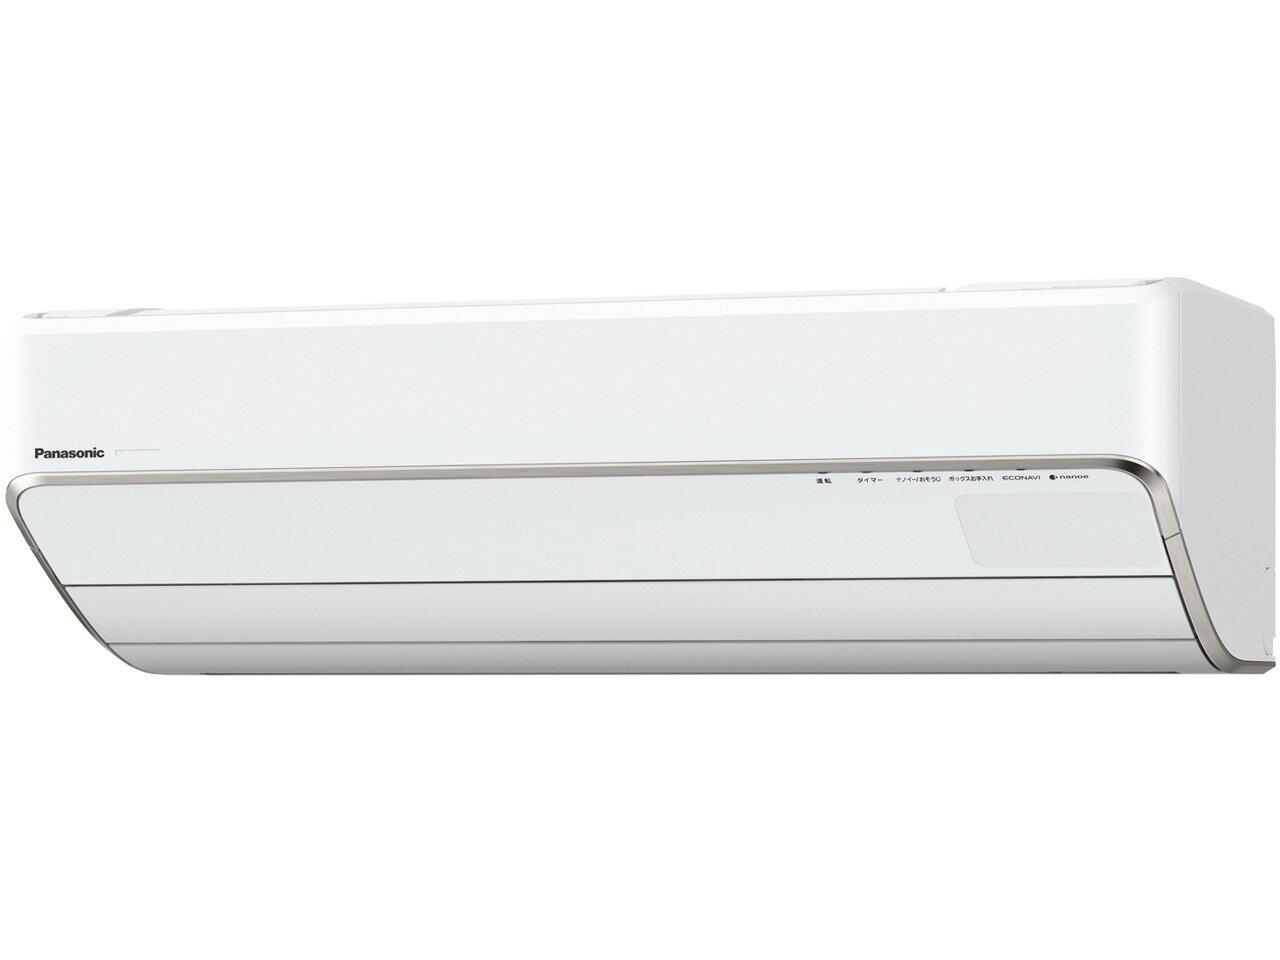 【代金引換不可】☆CS-SX226C Panasonic(2個口の商品です) パナソニック エアコン ナノイー